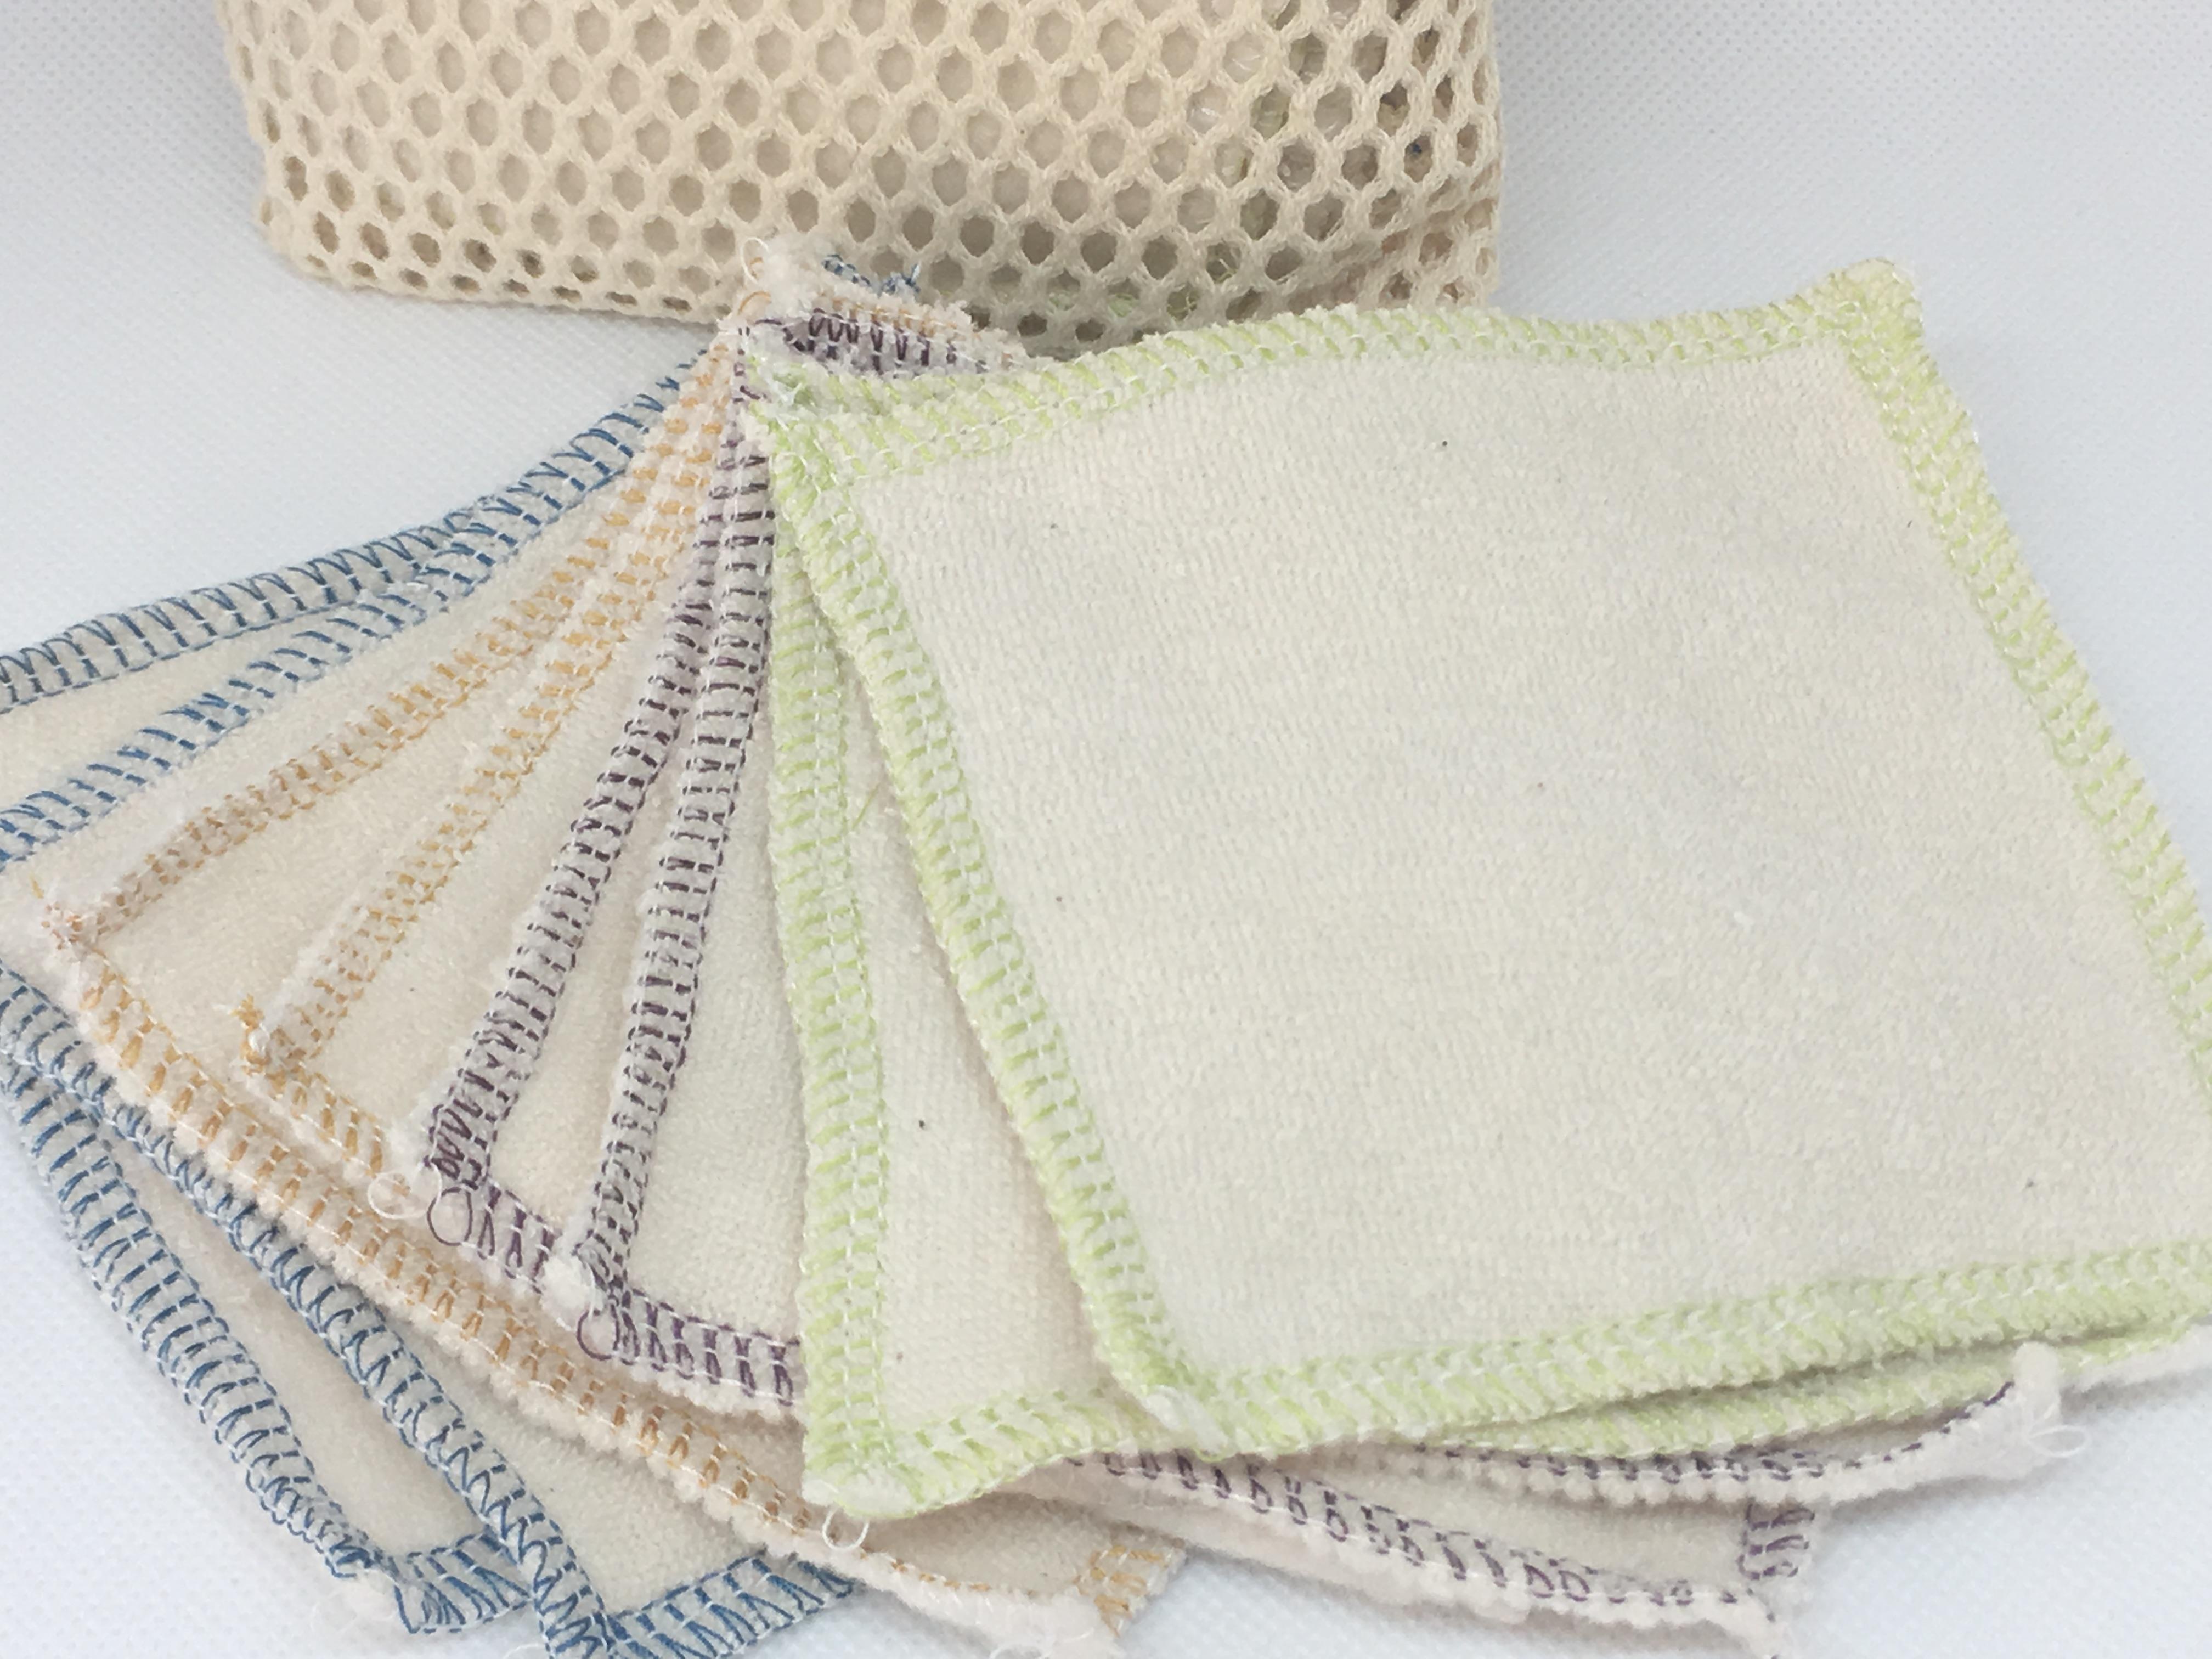 Les Belles Créations d'Anna Carrés démaquillants (bi-face) lavables en coton bio